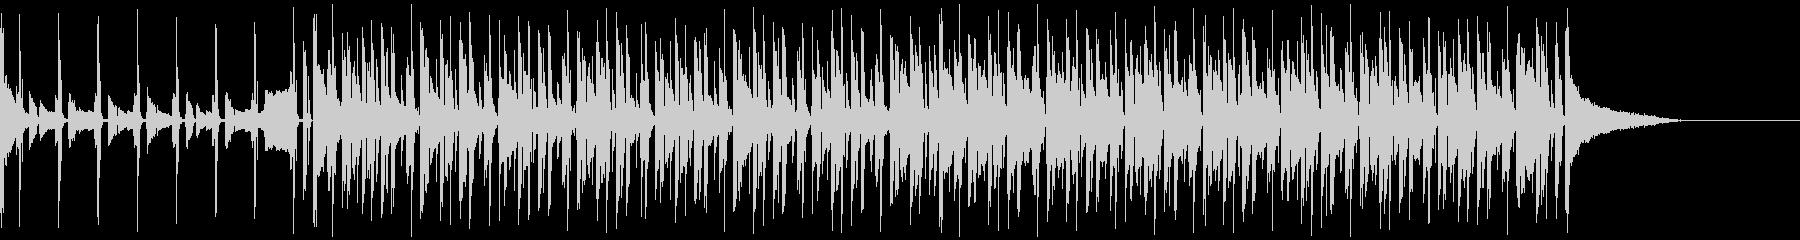 チル系エレクトロビートの未再生の波形